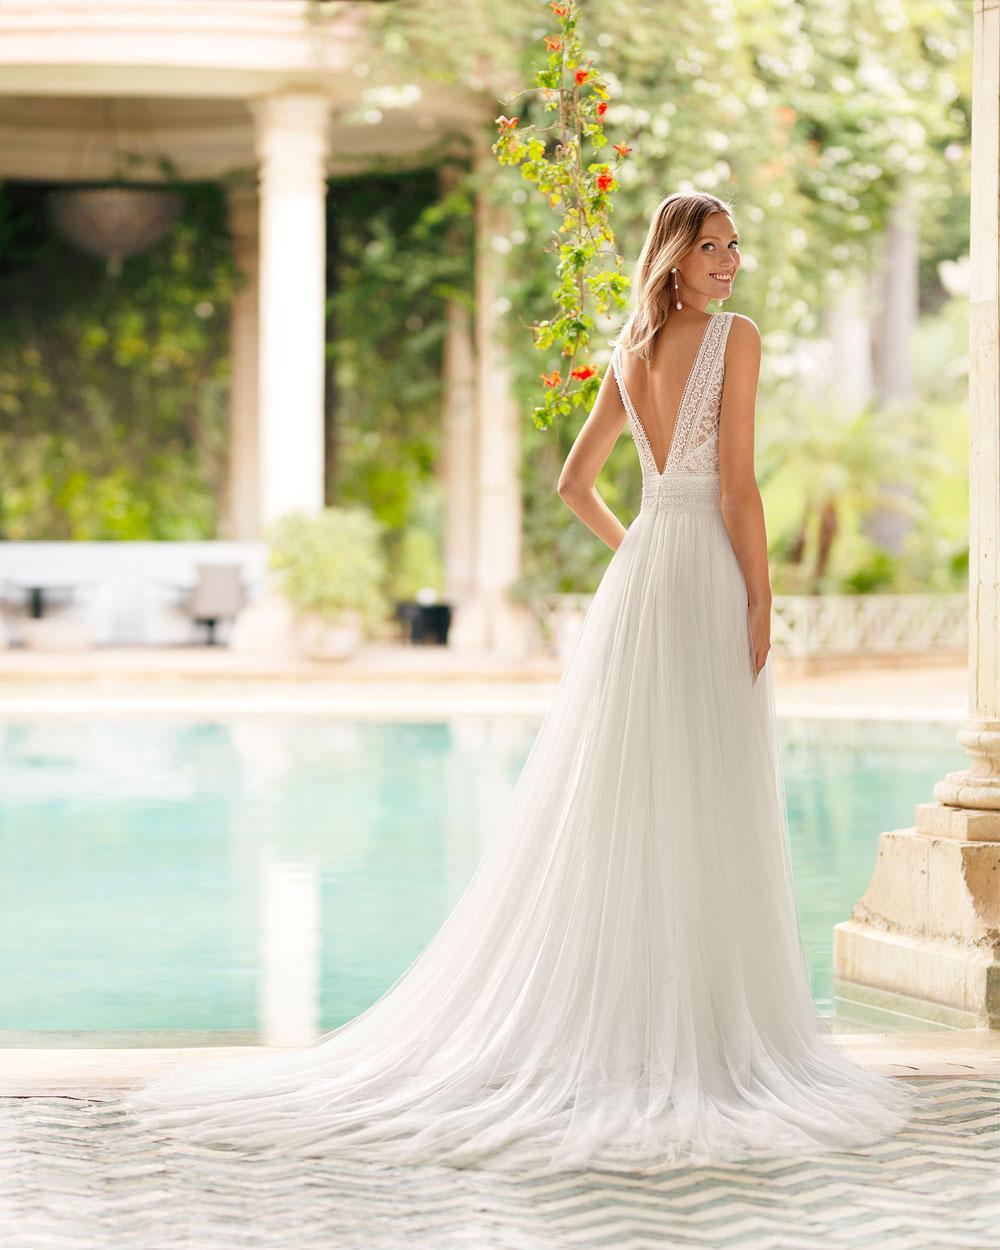 vestido de novia 2020 RAYEL ROSA CLARA SOFT 2